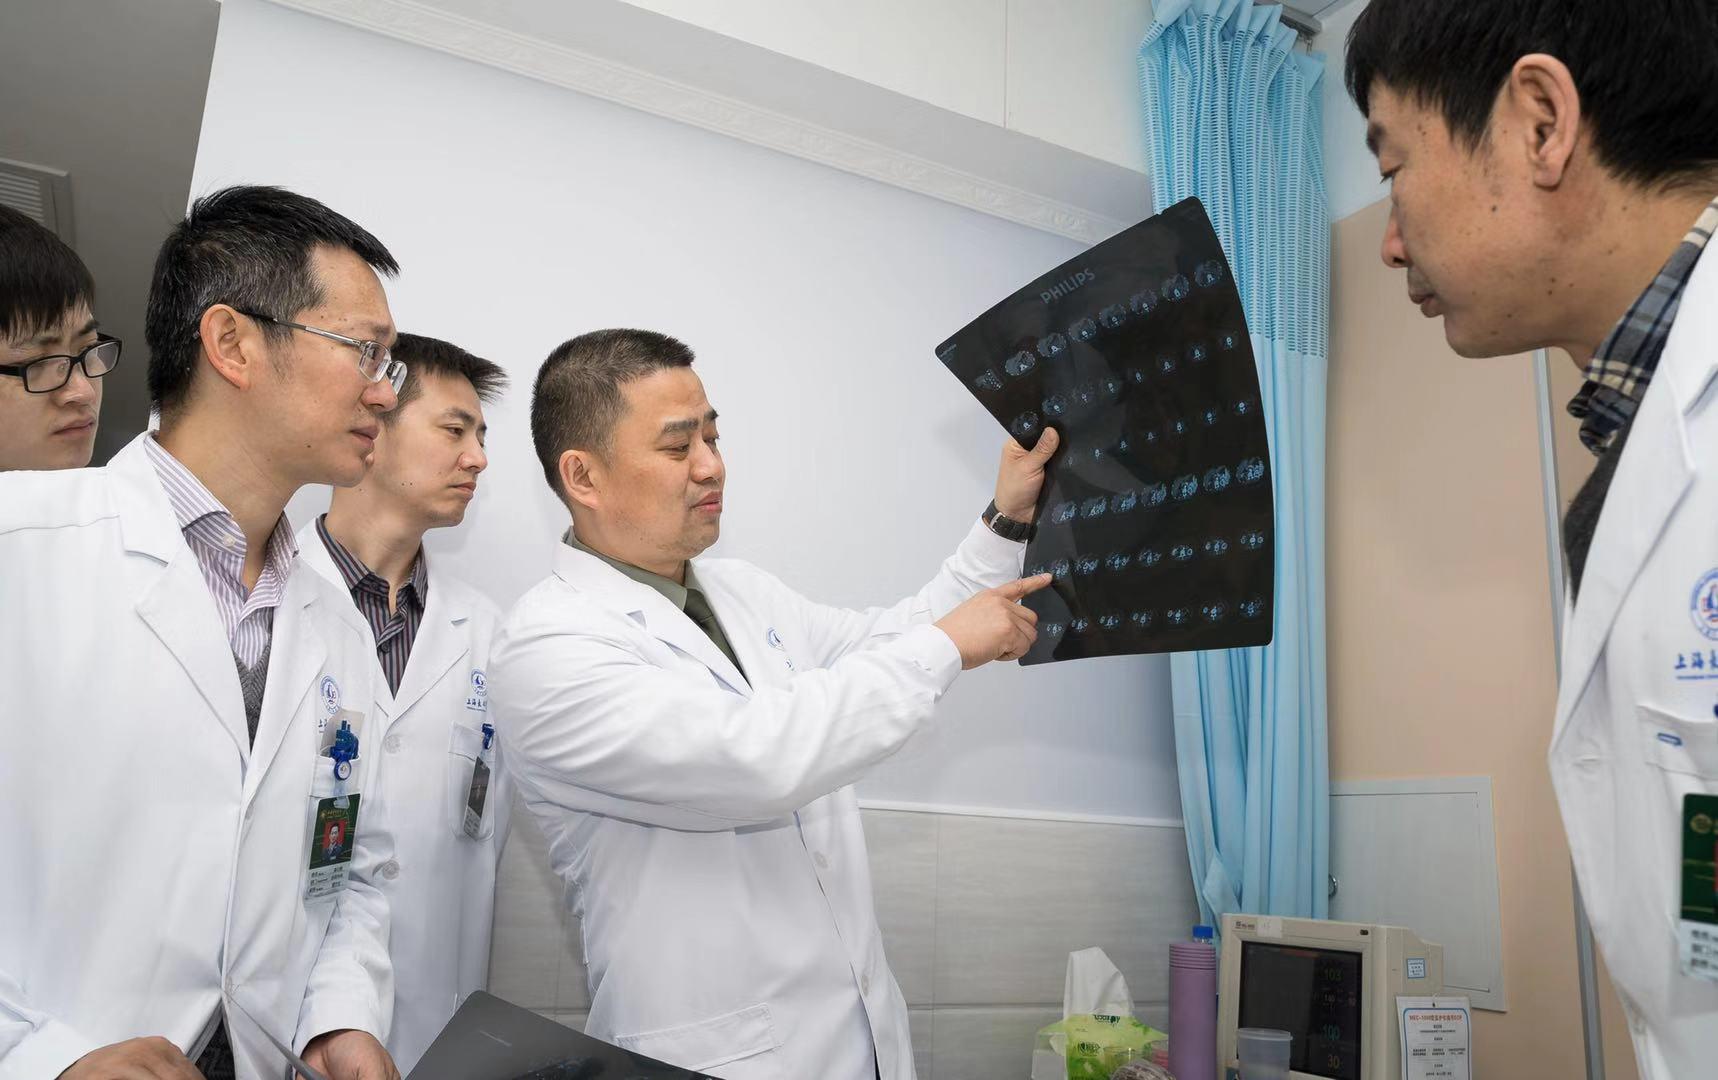 仅剩的一个残肾长出多个肿瘤,上海长征医院为这位肾癌患者保住了肾